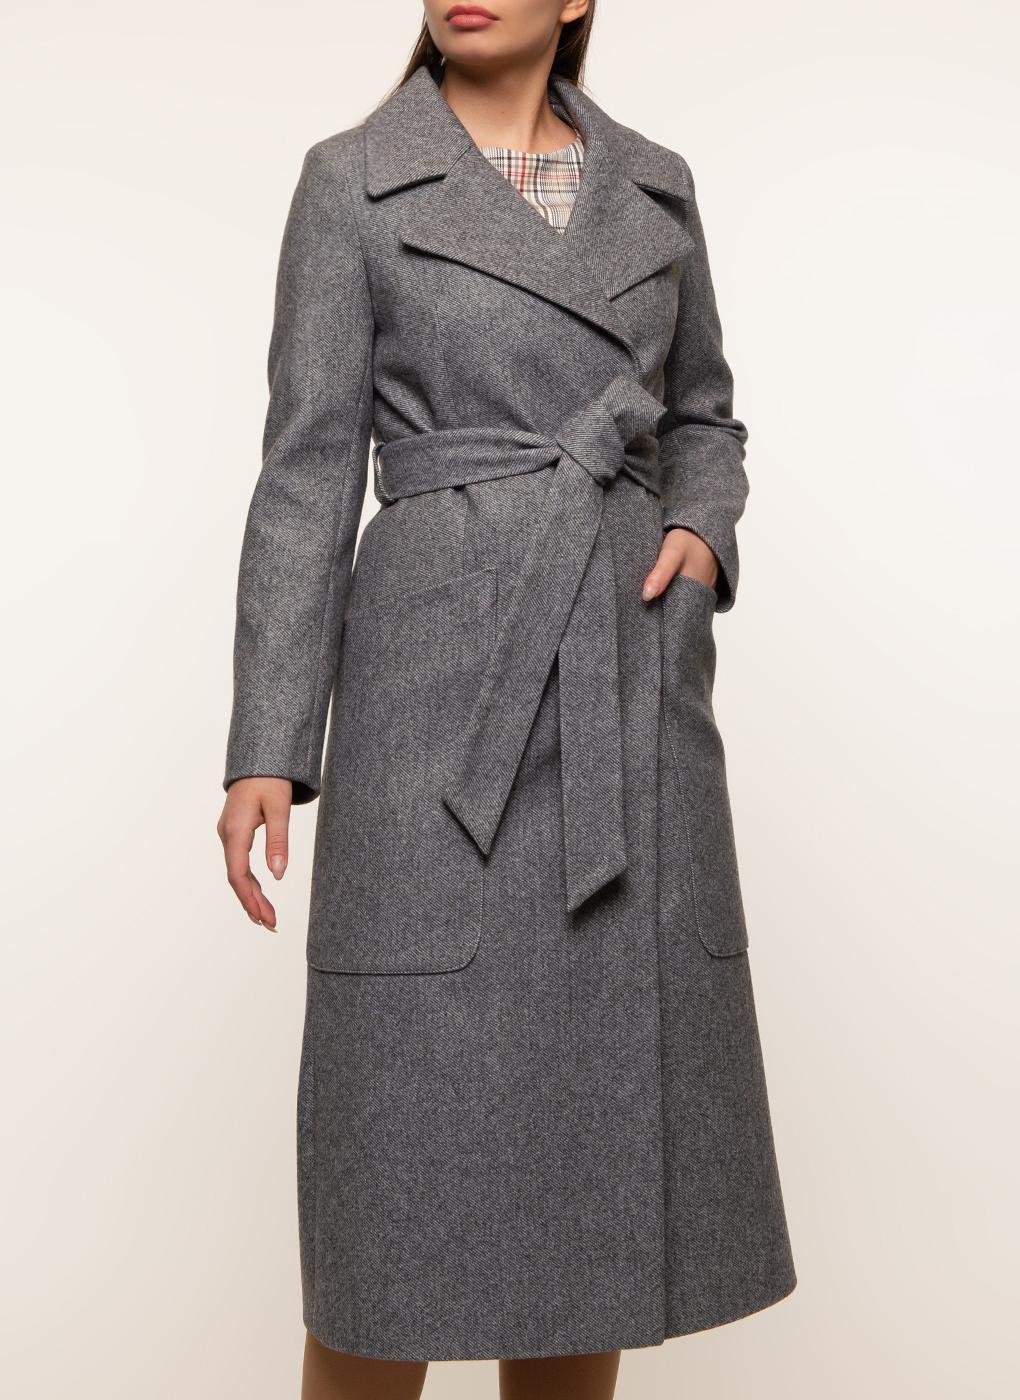 Пальто 48, Sezalto фото